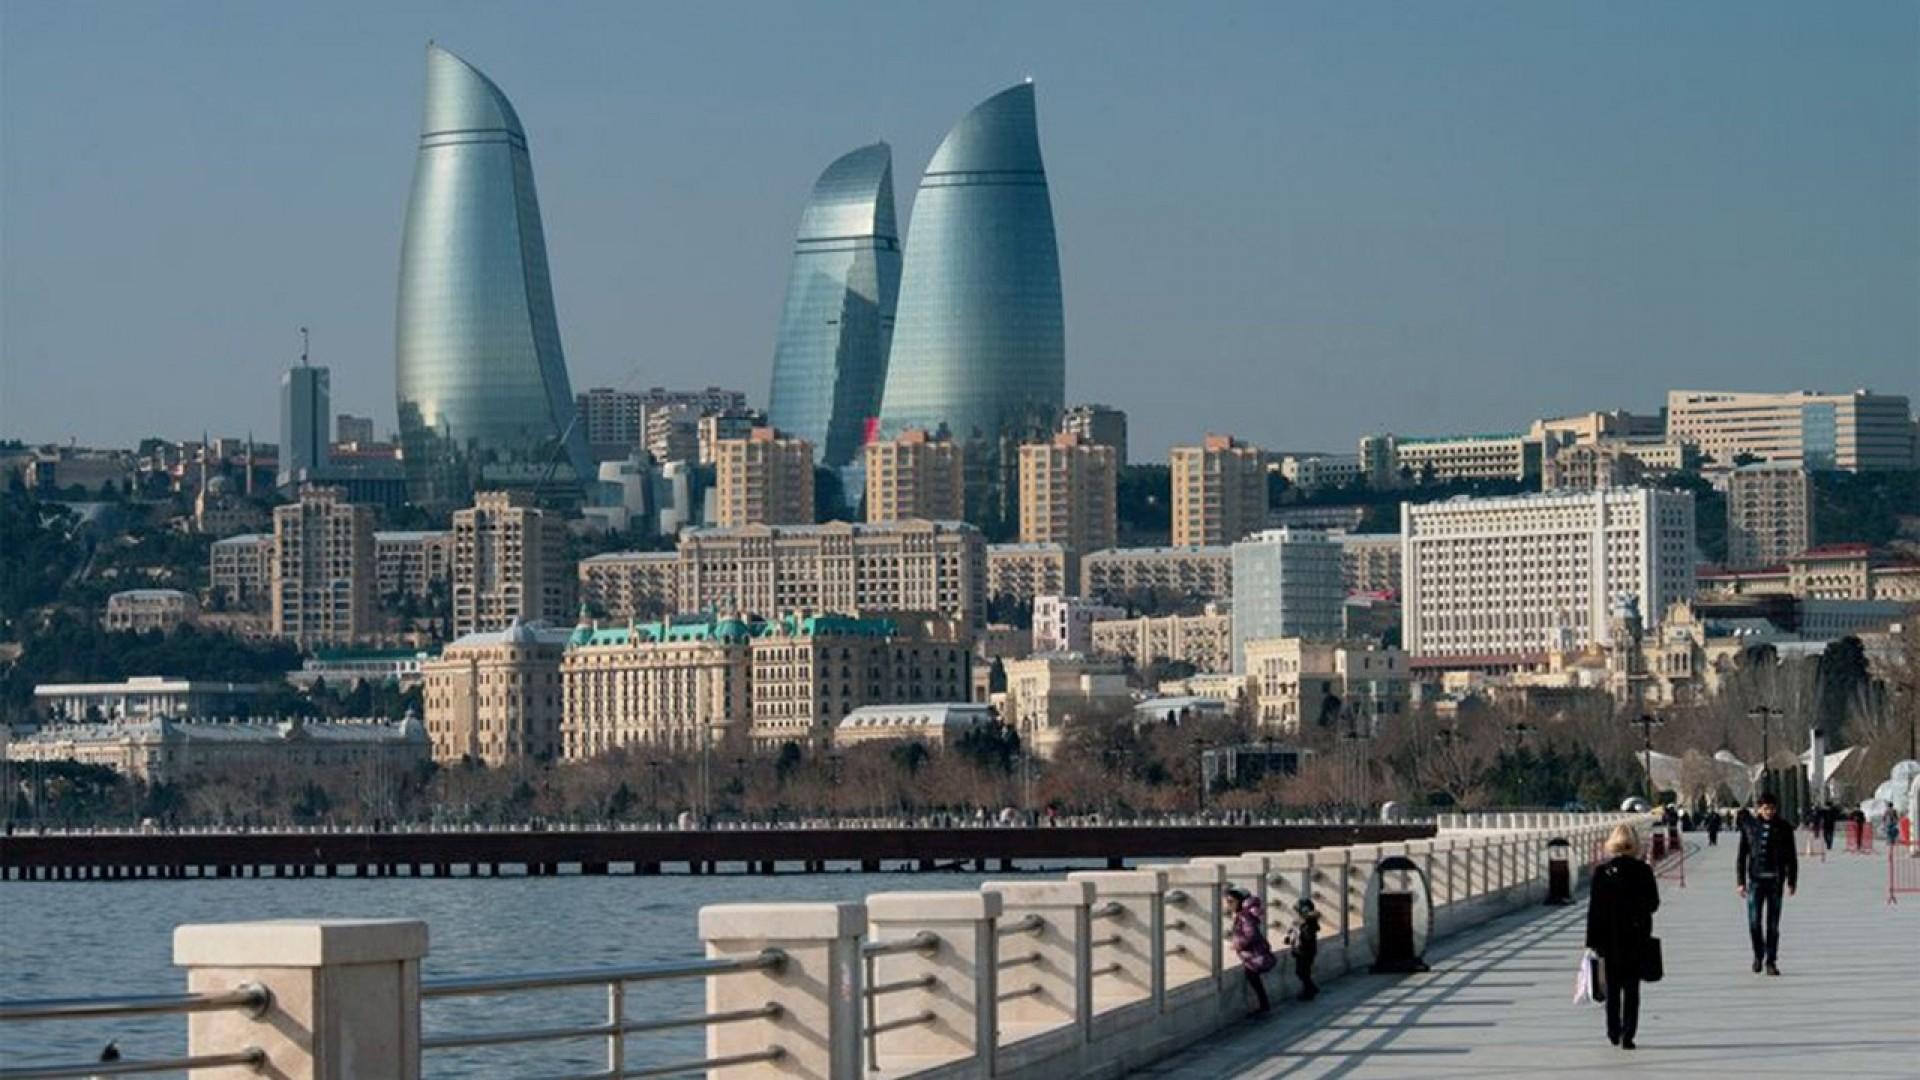 Best 53 Baku Wallpaper on HipWallpaper Baku Wallpaper Baku 1920x1080